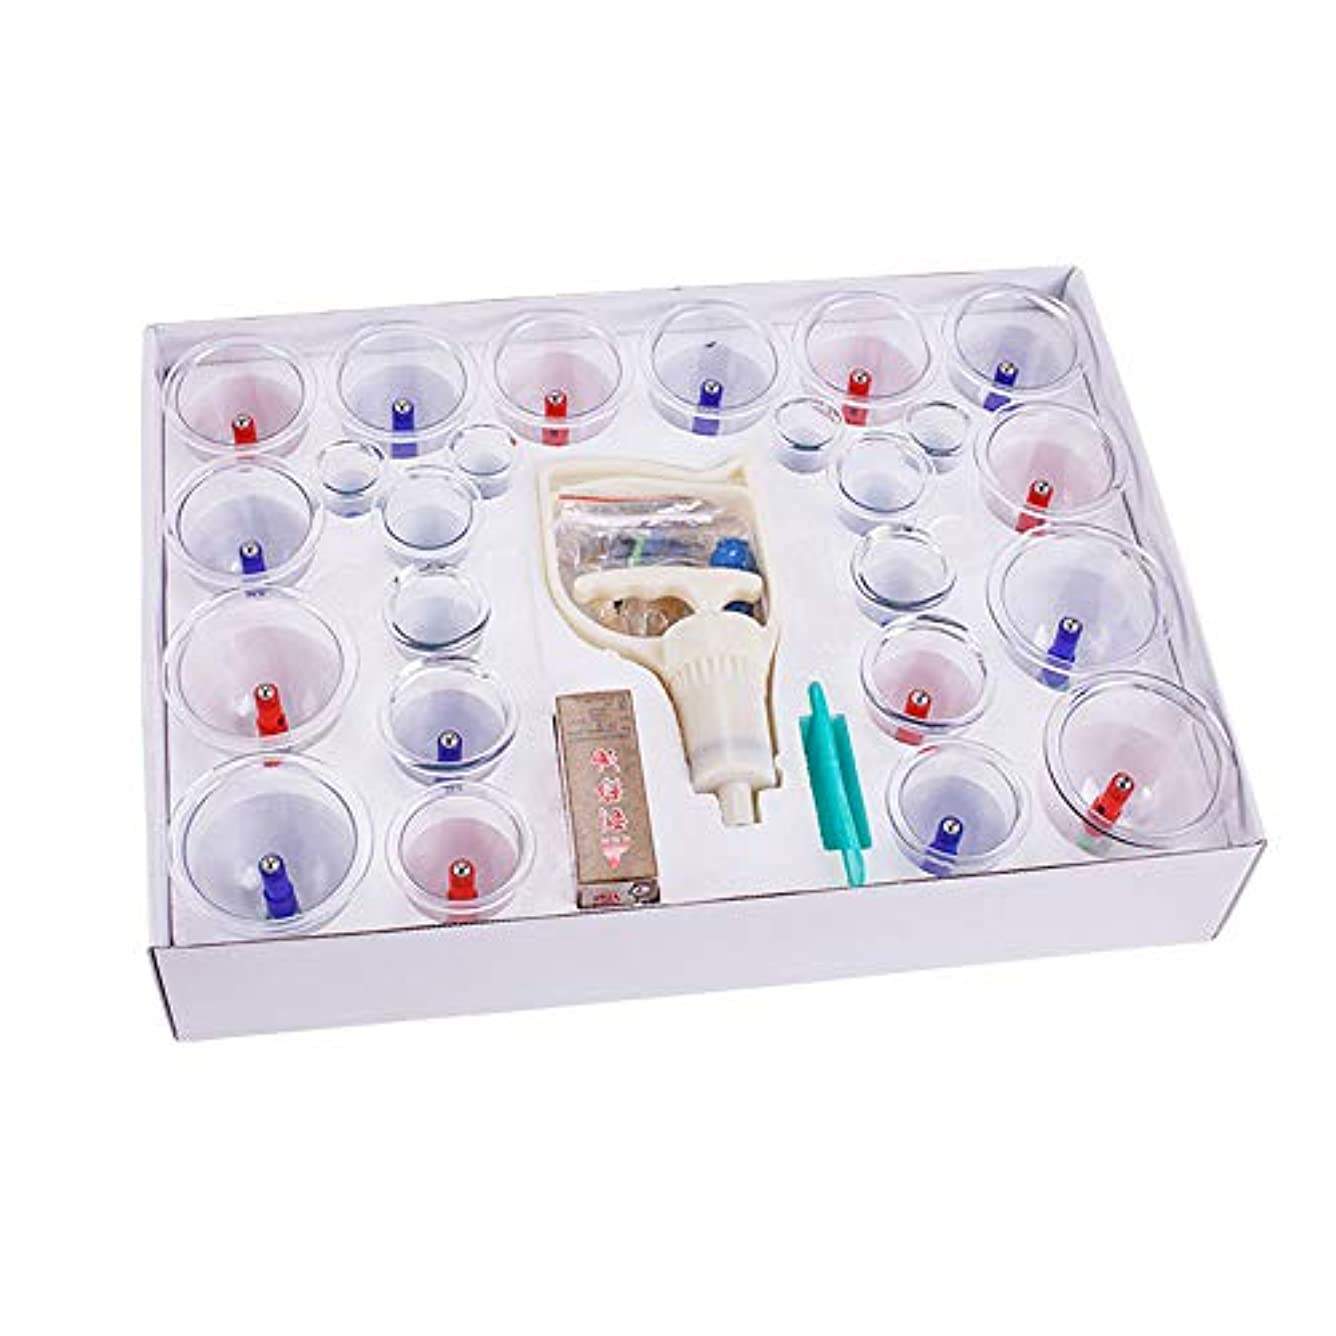 荒涼とした予測する割合Jia He 漢方療法 カッピング装置 - 専門のカッピング治療装置24カップは、大人と高齢者に適したポンプと伸展チューブで設定 ##